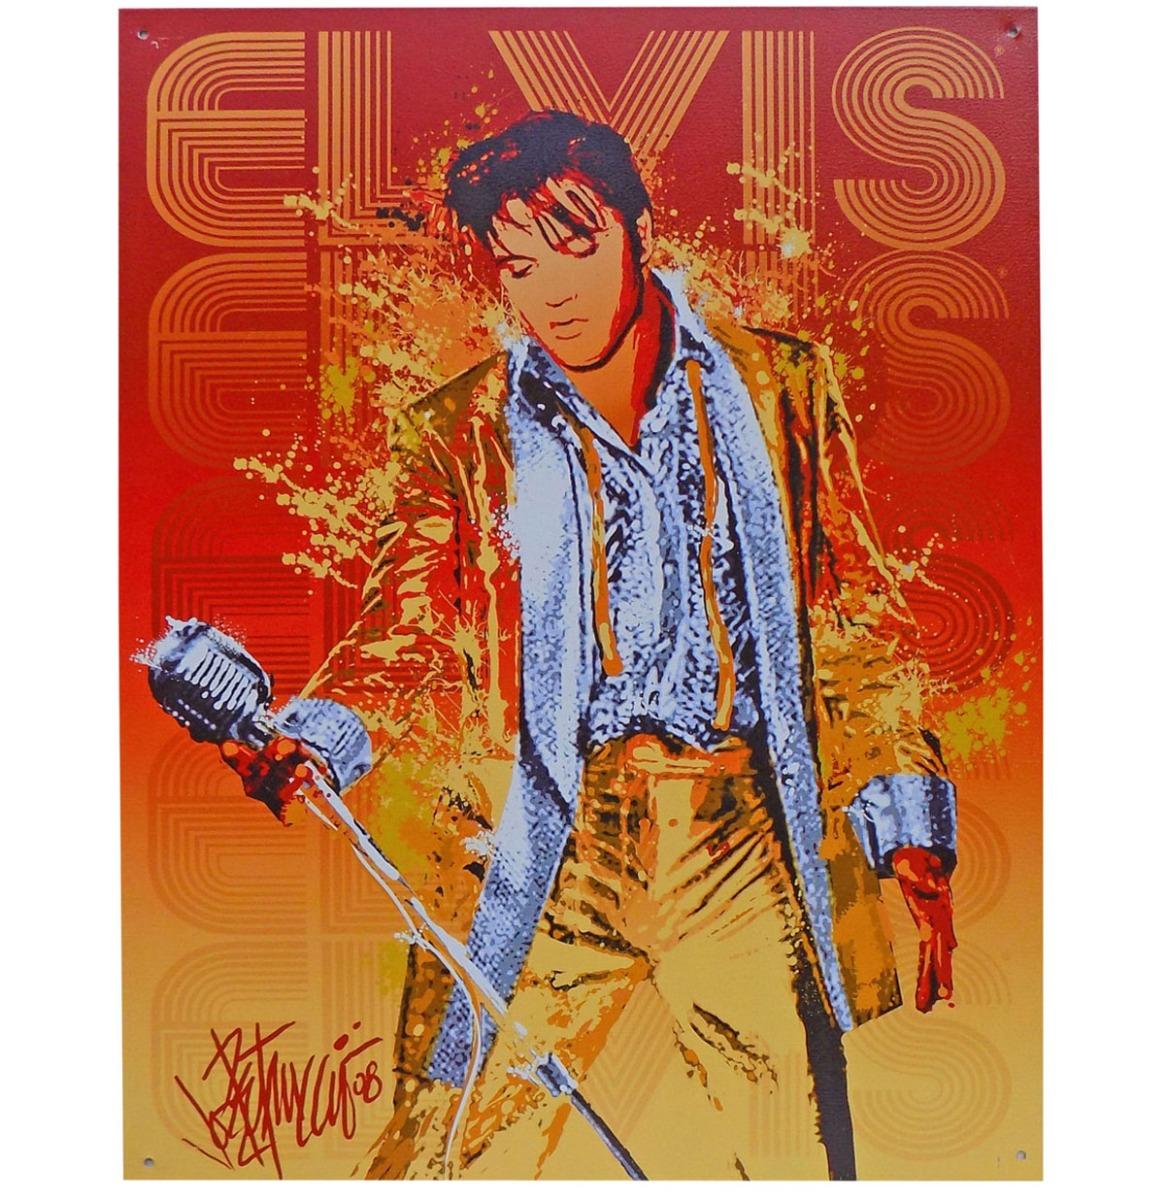 Elvis Presley Zingend In Rood En Geel Metalen Bord - 40 x 30 cm